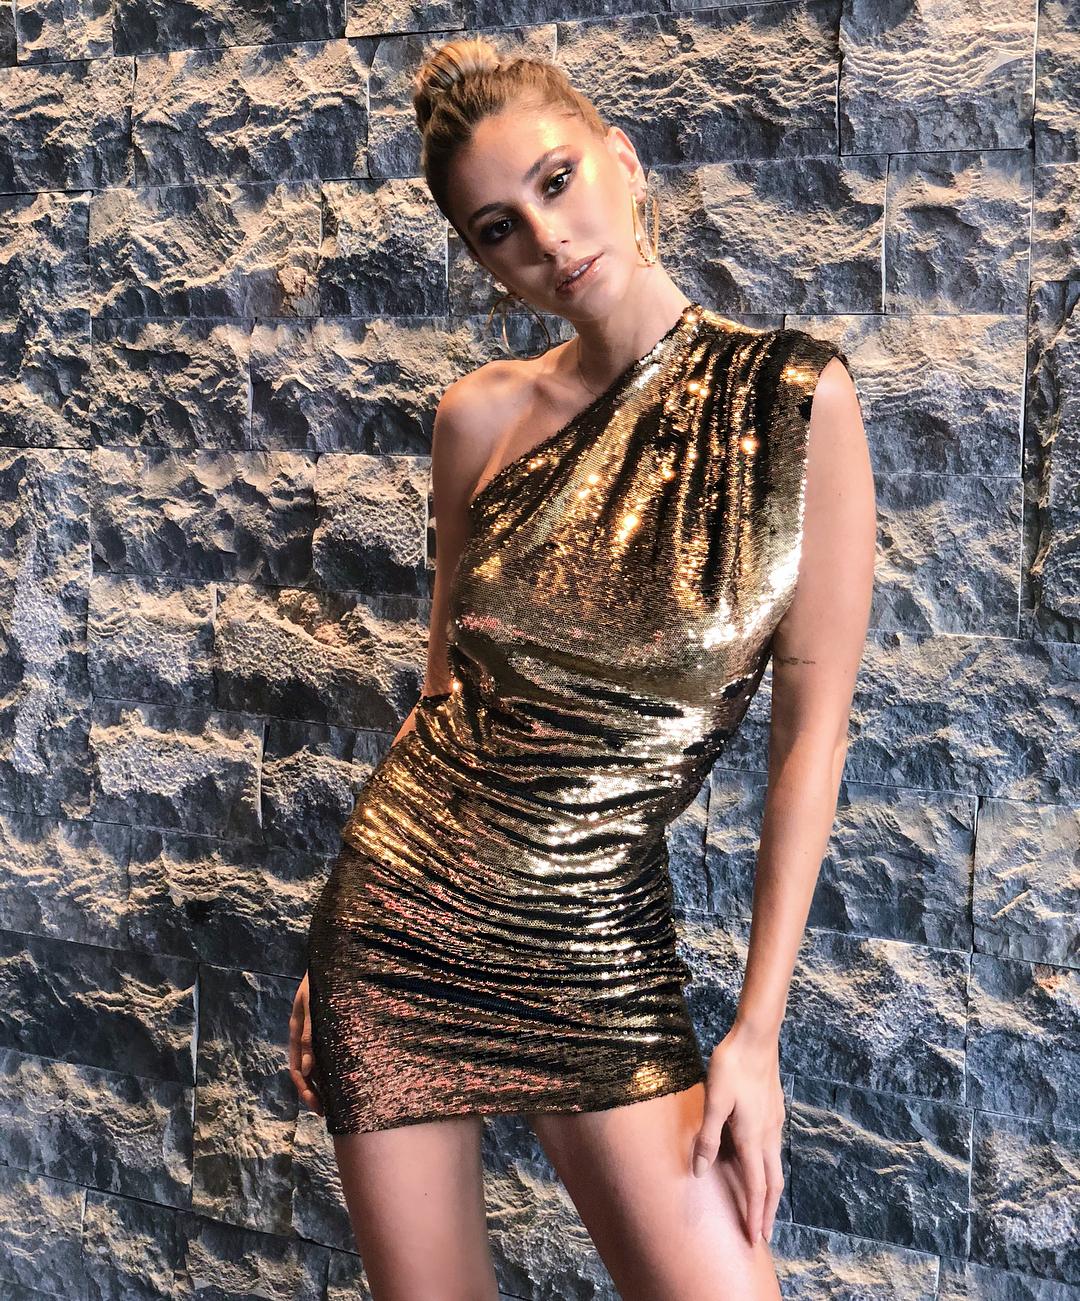 Güzel sosyal medya fenomeni Şeyma Subaşı sexy elbisesiyle çok şık görünüyor. Türkiye'nin en güzel fizikli kadınlarının HD fotoları için buraya tıklayın.